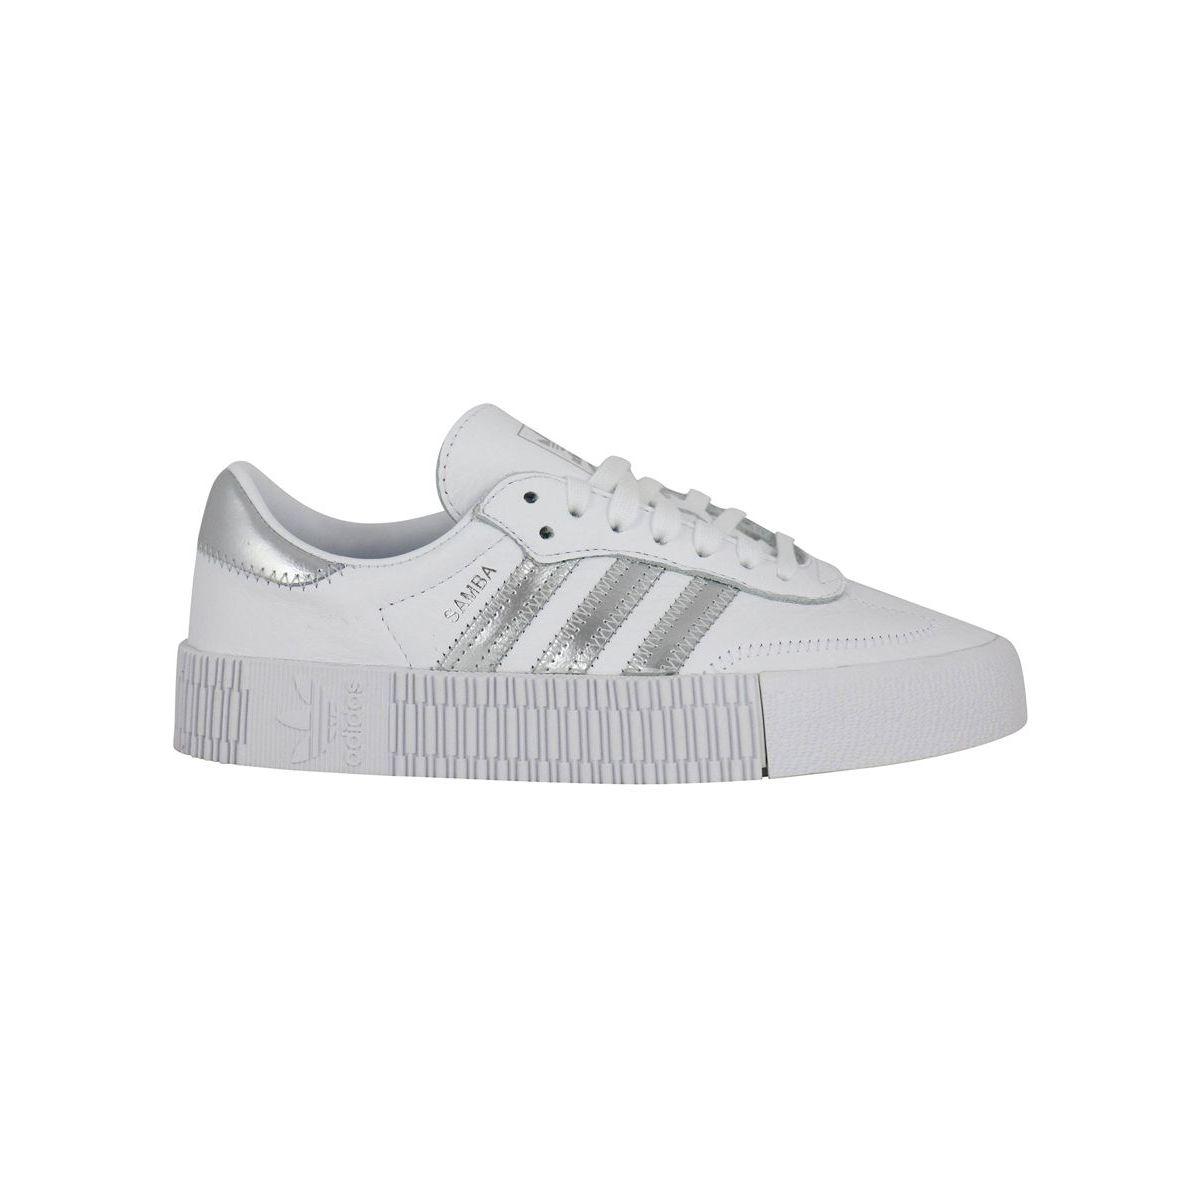 Sneakers EE9017 SAMBAROSE White / silver Adidas